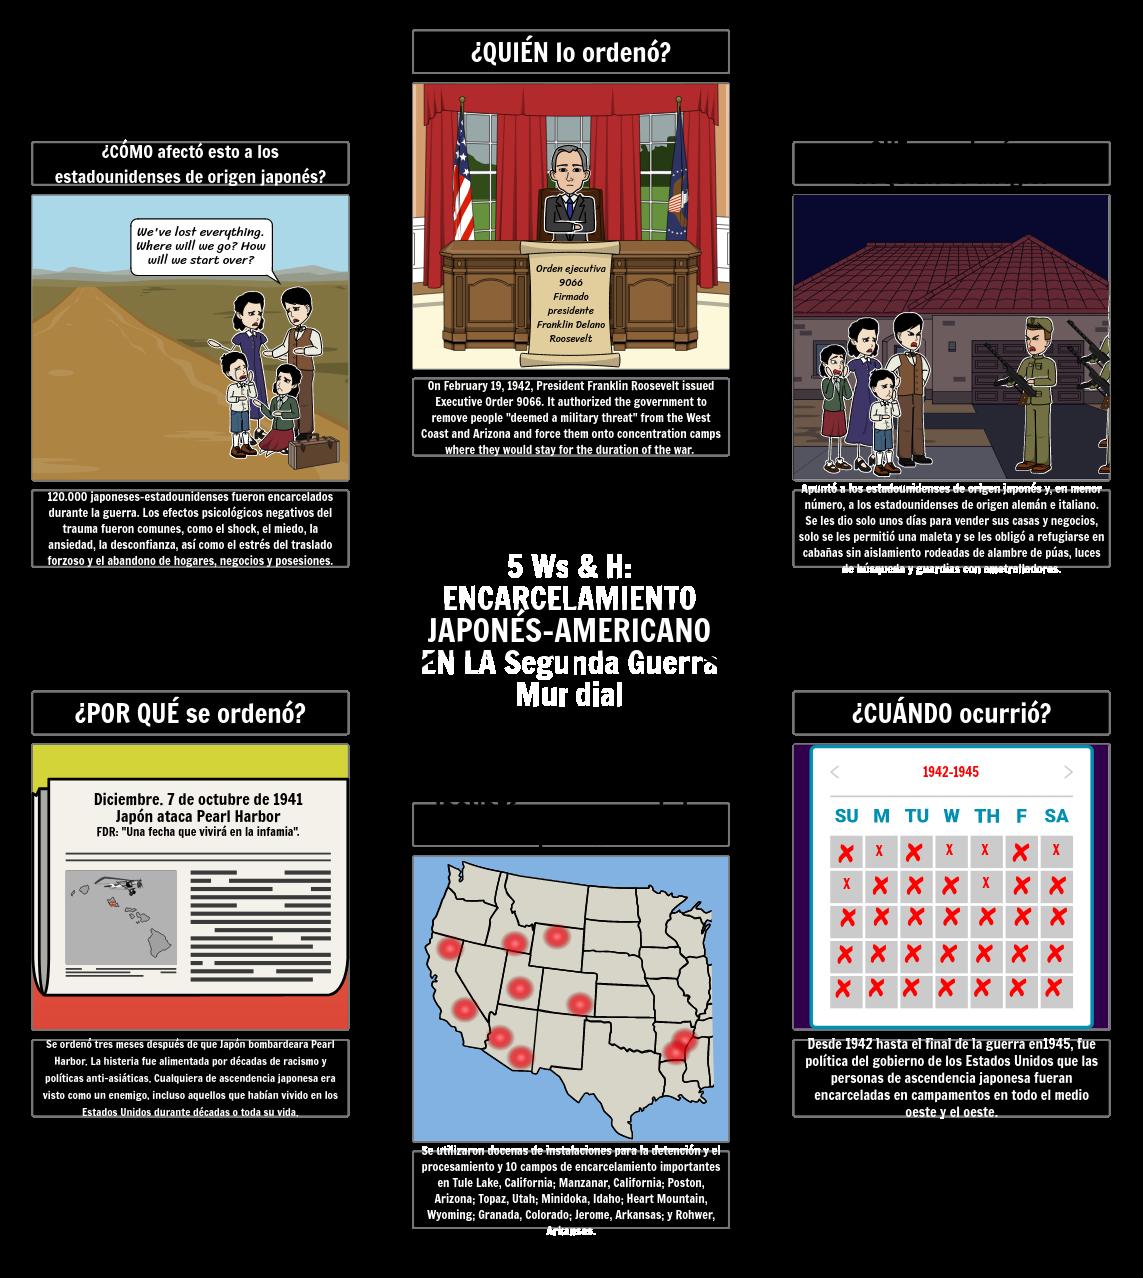 Encarcelamiento japonés-estadounidense durante la Segunda Guerra Mundial 5W